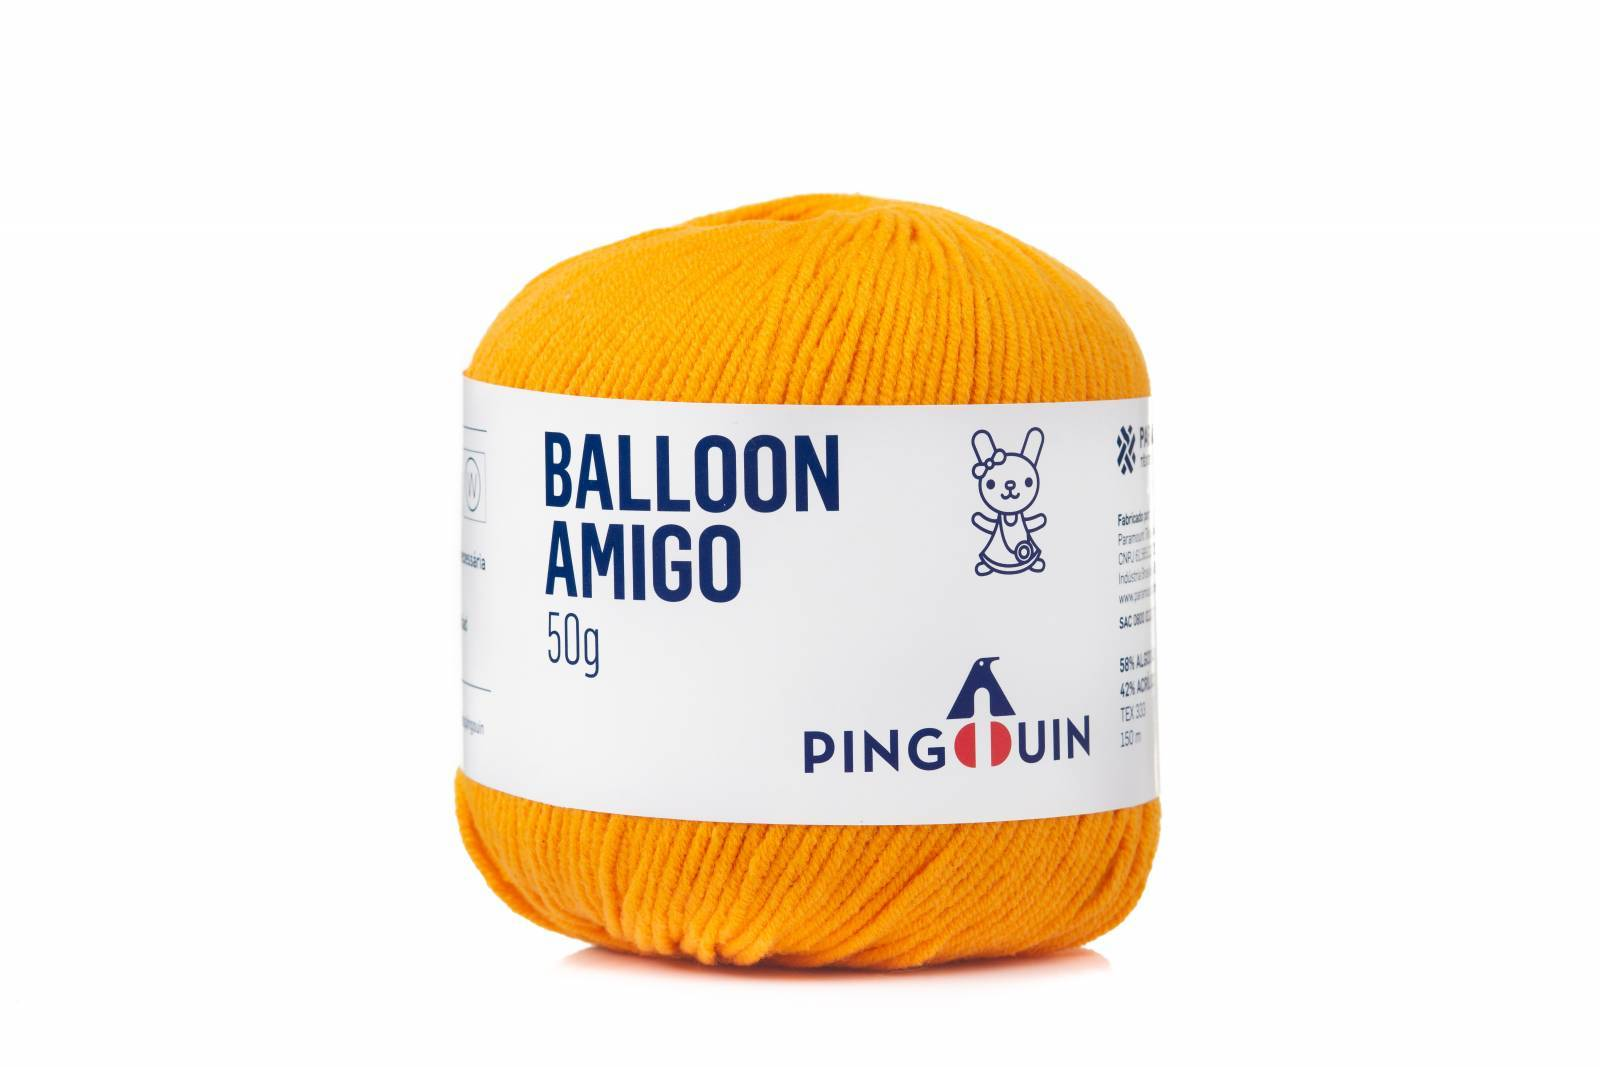 Balloon amigo 210 Mandarim - BAÚ DA VOVÓ